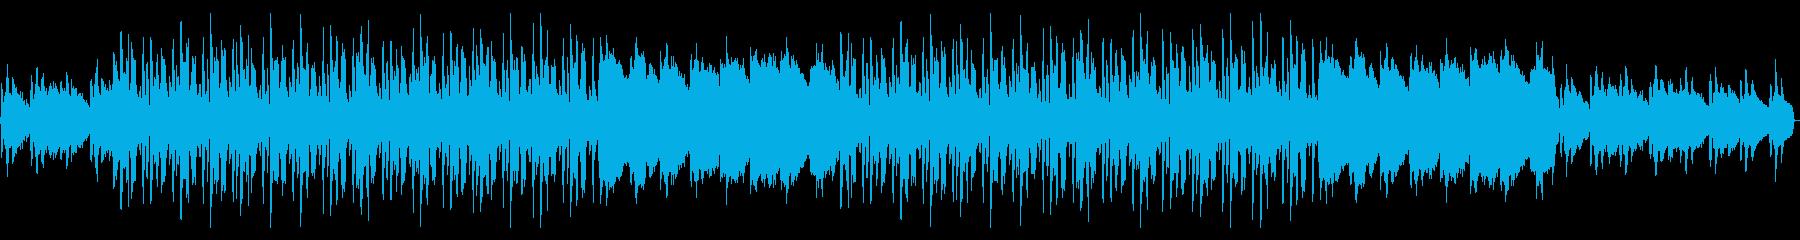 水中をイメージさせる曲の再生済みの波形